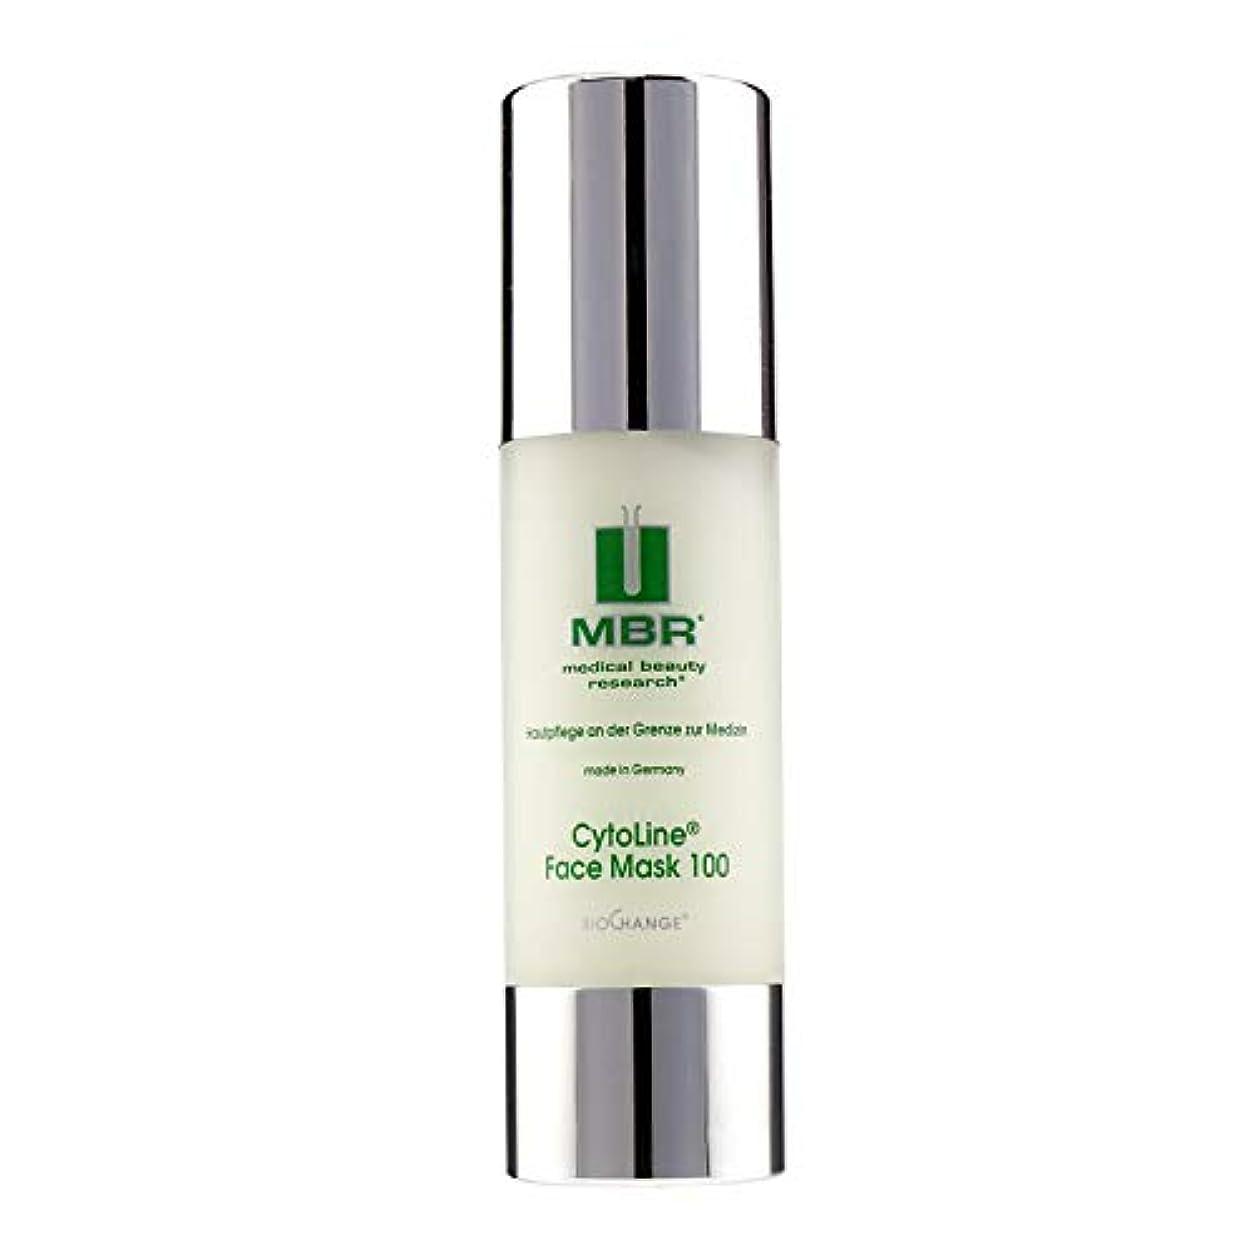 最初に間接的センチメンタルMBR Medical Beauty Research BioChange Cytoline Face Mask 100 50ml/1.7oz並行輸入品